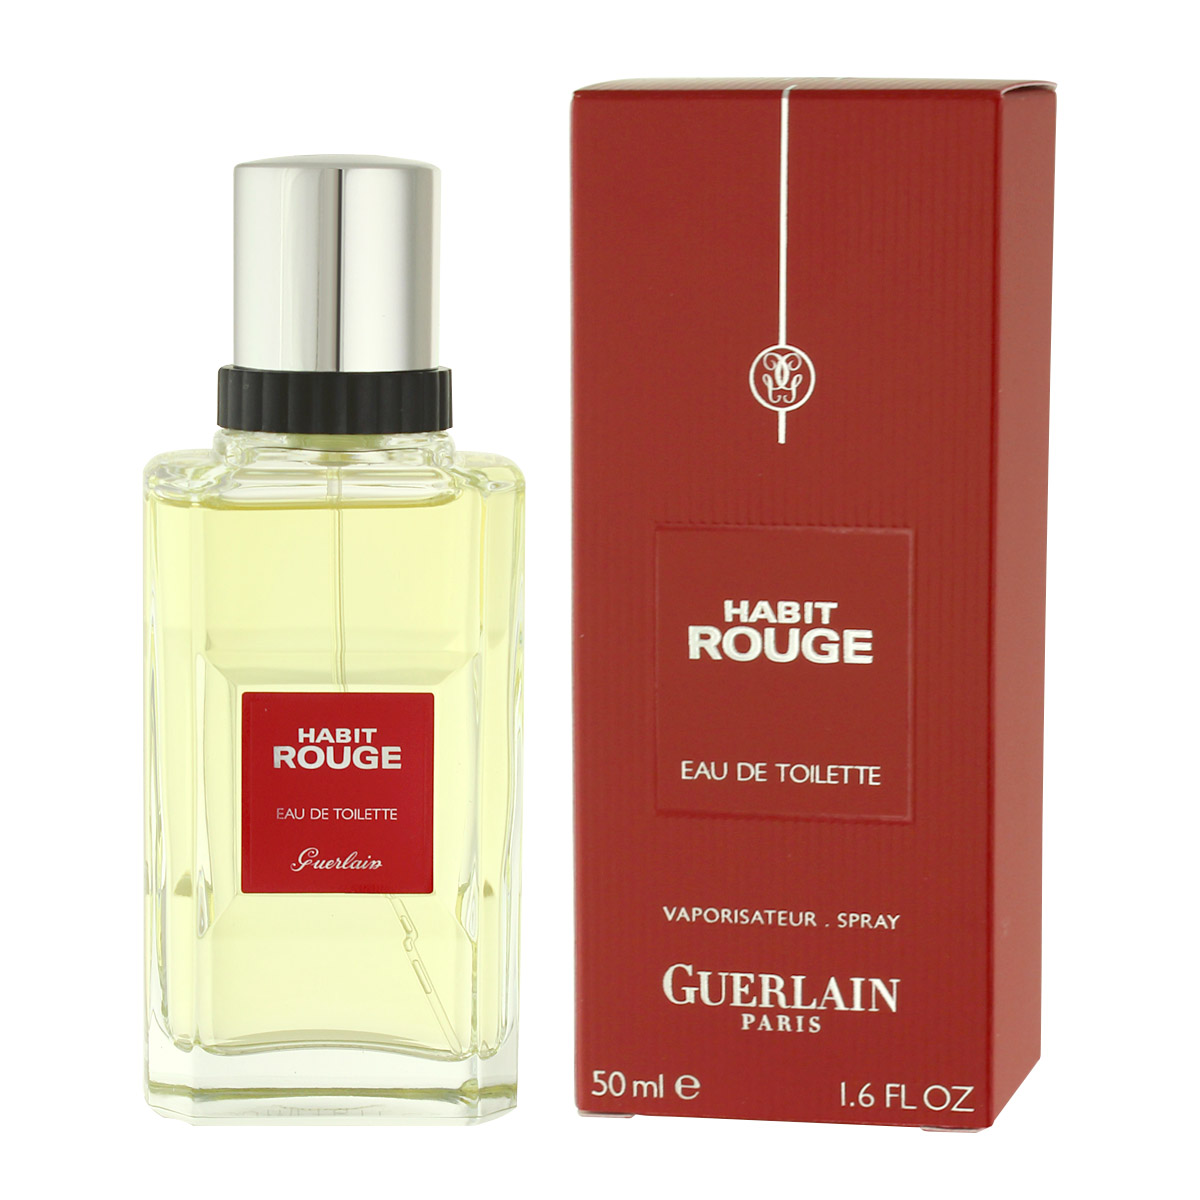 Guerlain Habit Rouge Eau De Toilette 50 ml (man) 80375